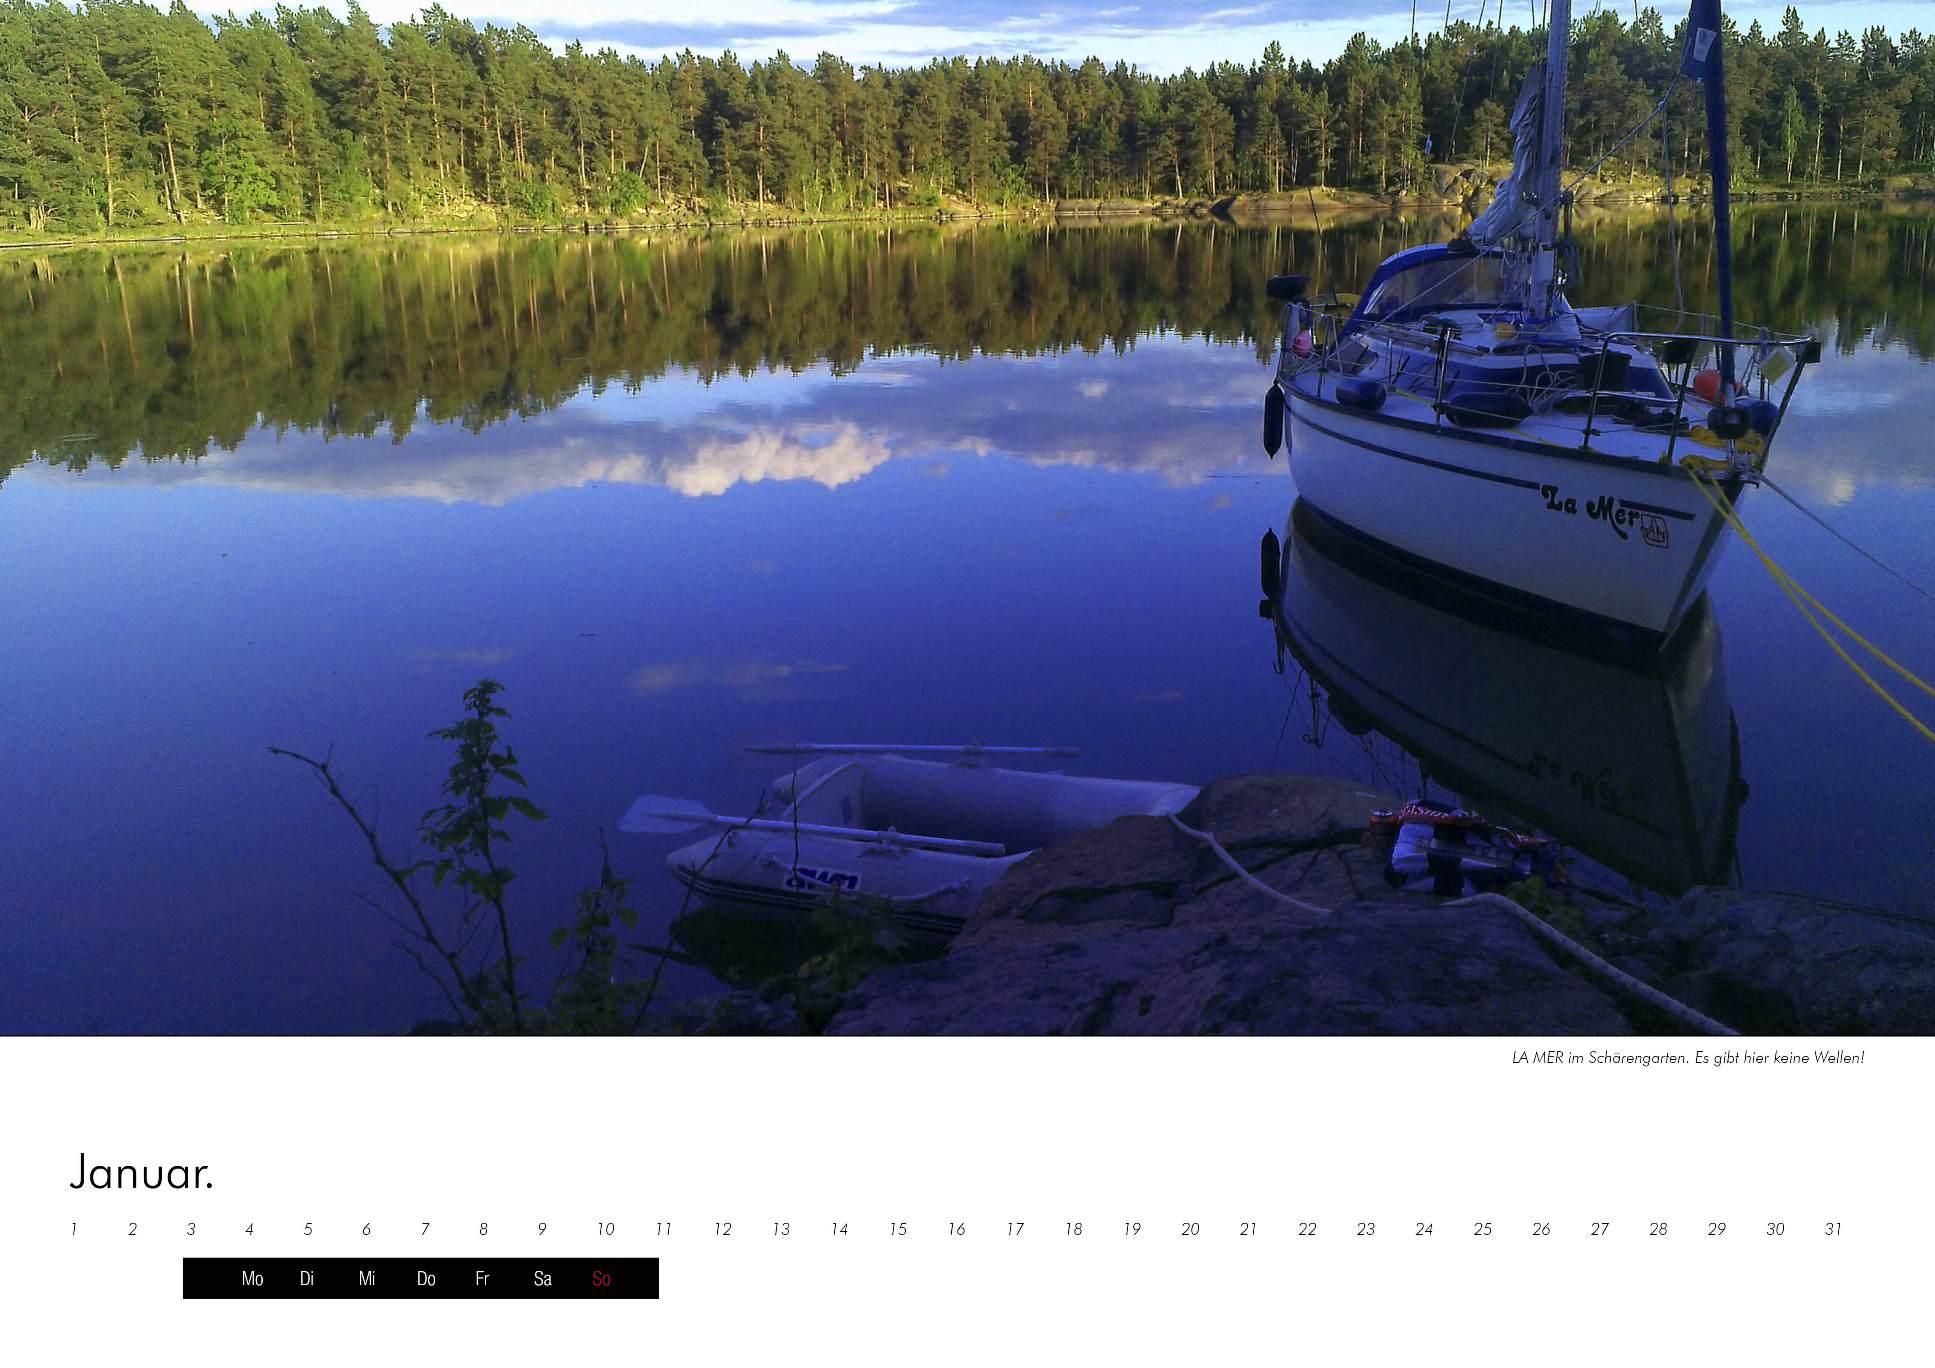 Kalenderbild des Seegelboots La Mer in einer Bucht in den schwedischen Schären